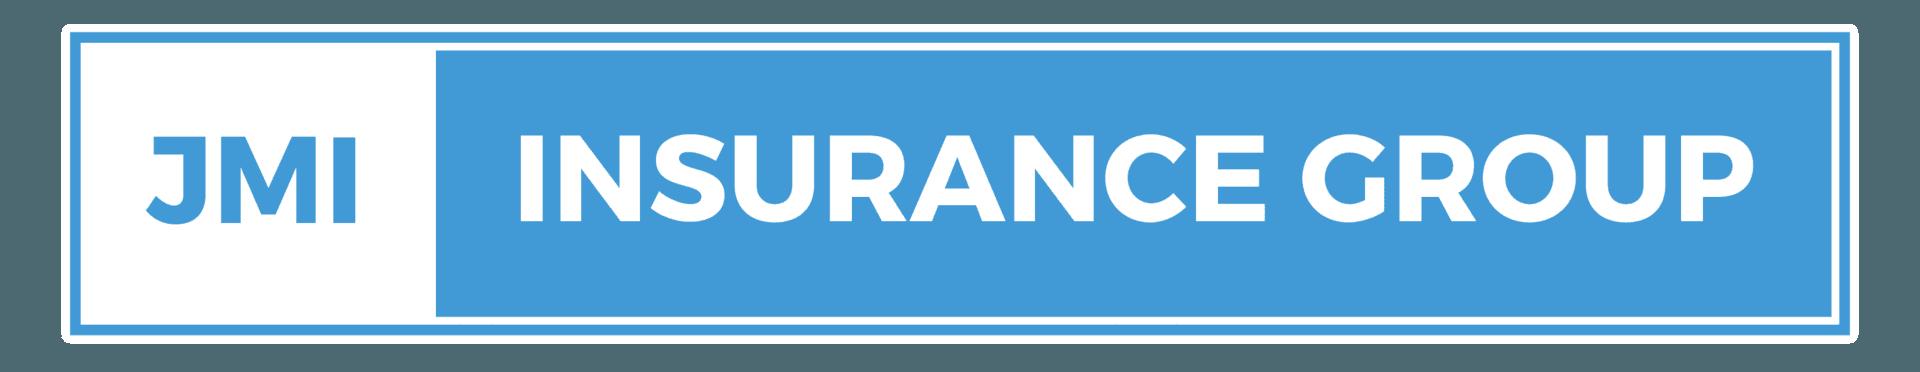 Florida Home Auto Insurance Best Rates Bundles Jmi Knows Insurance